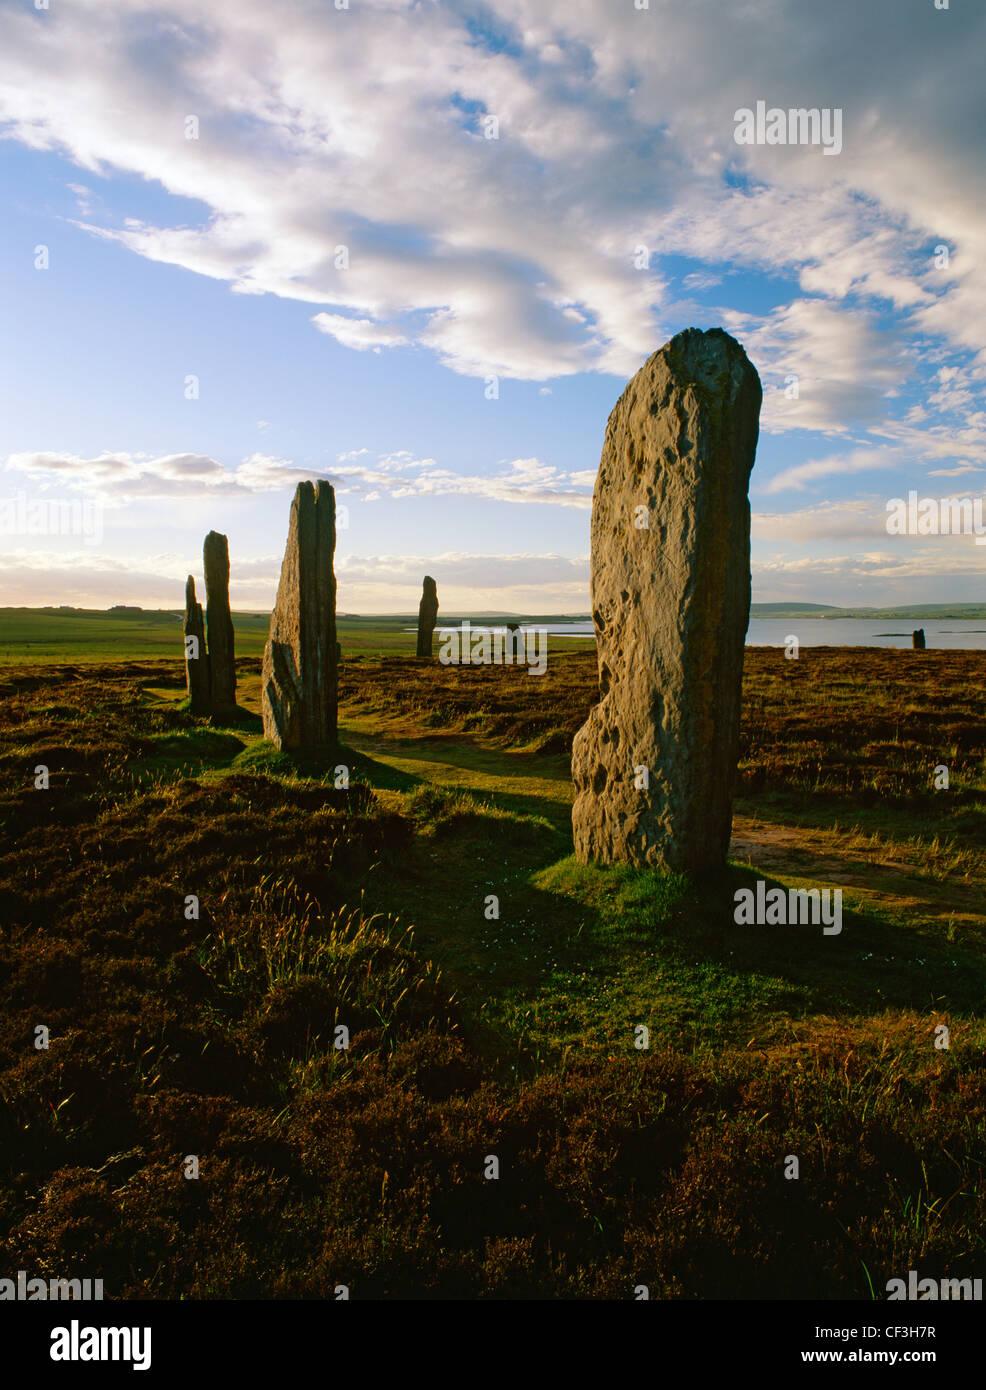 Anillo de Brodgar Stone Henge y círculo, mirando hacia el lago de Harray. Foto de stock